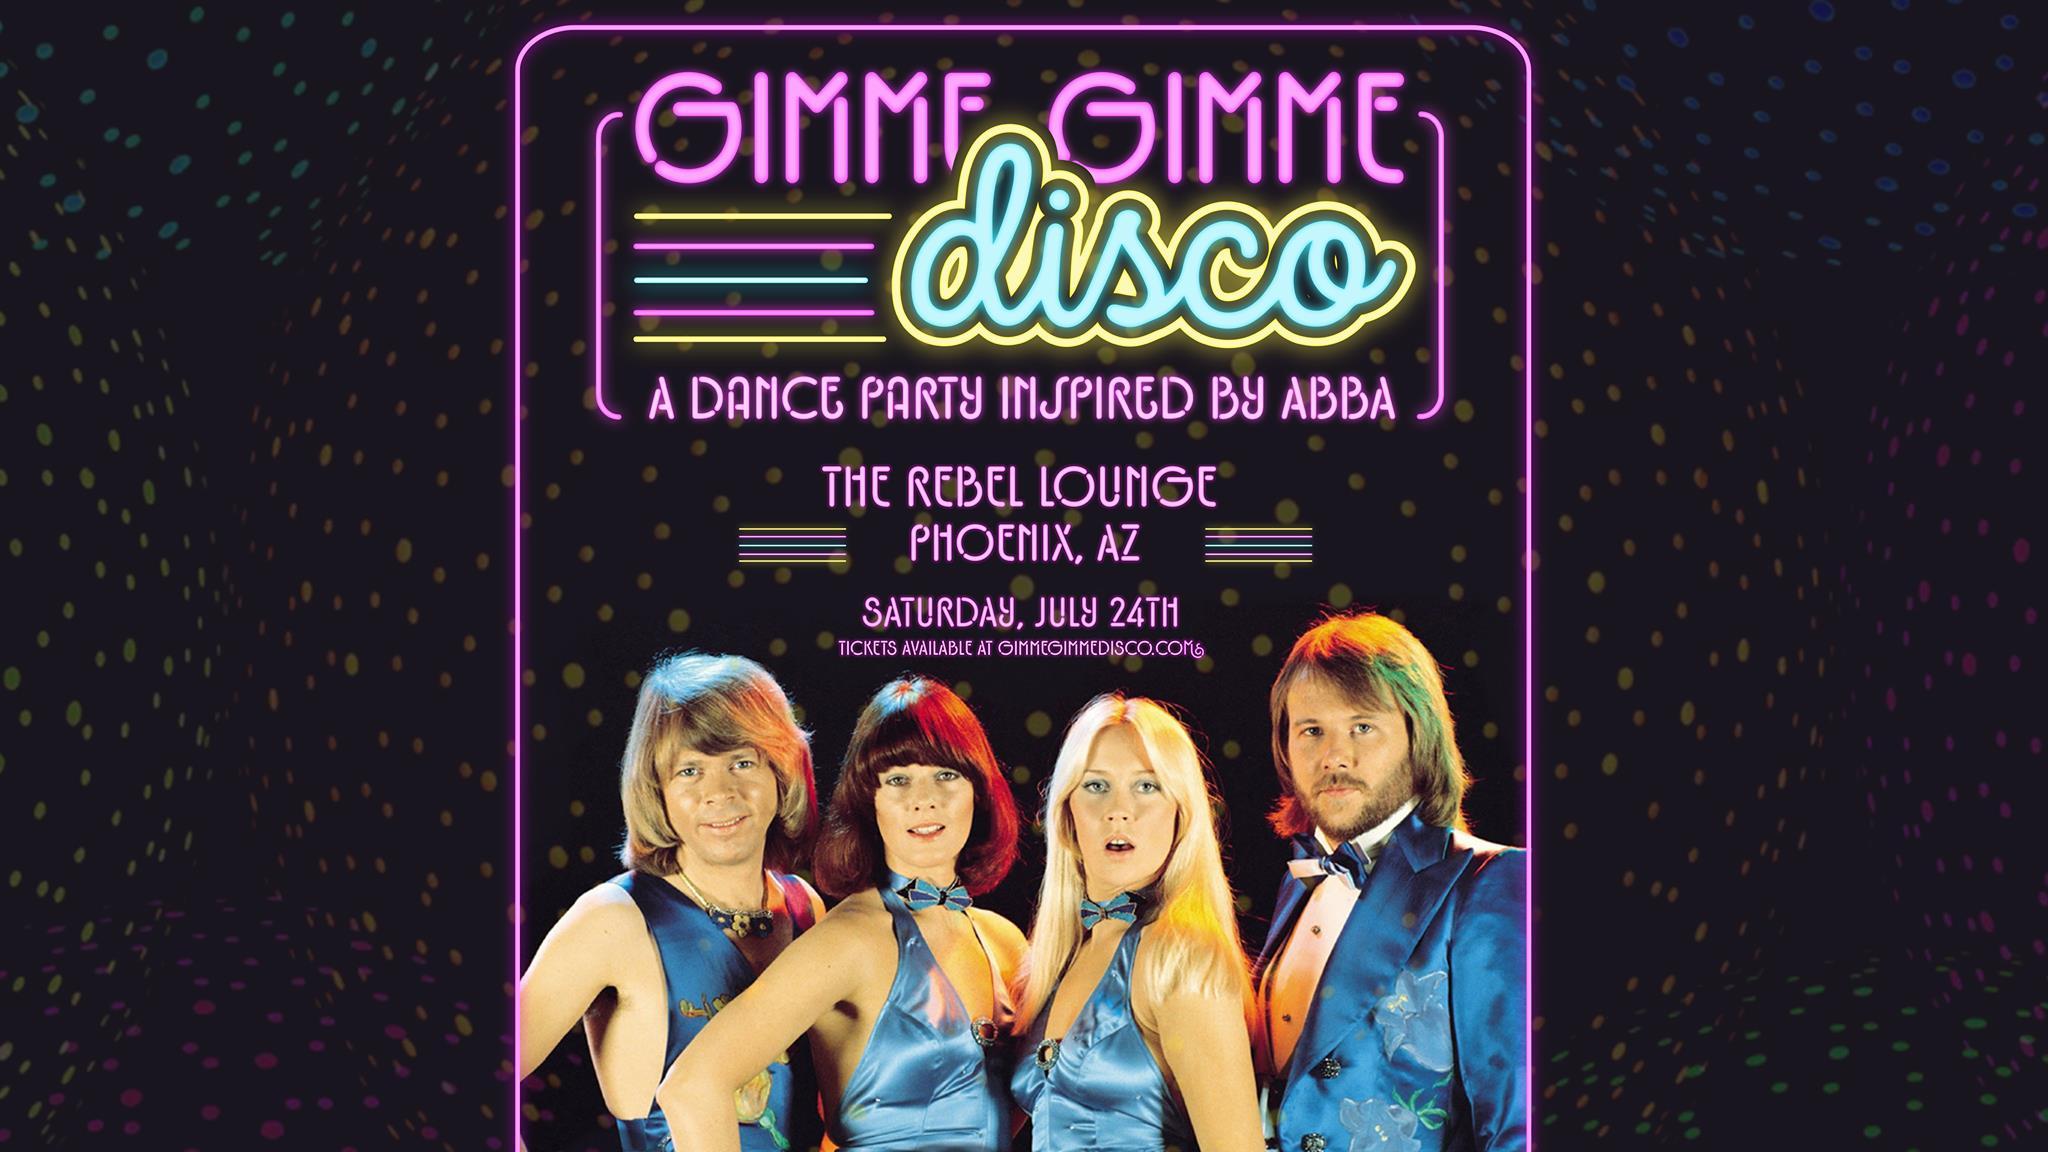 GIMME GIMME DISCO: Main Image